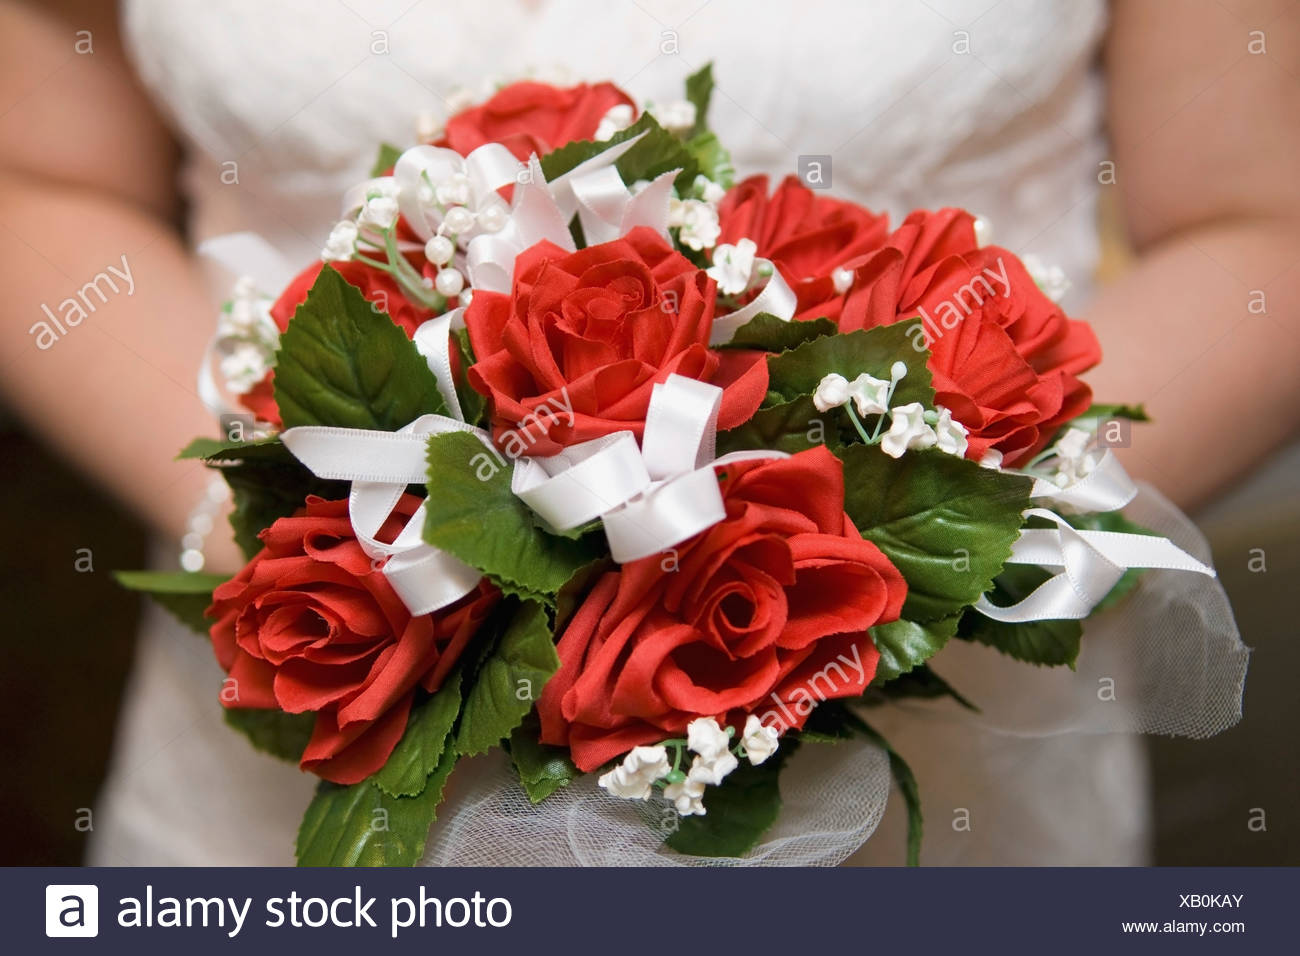 A Bridal Bouquet - Stock Image